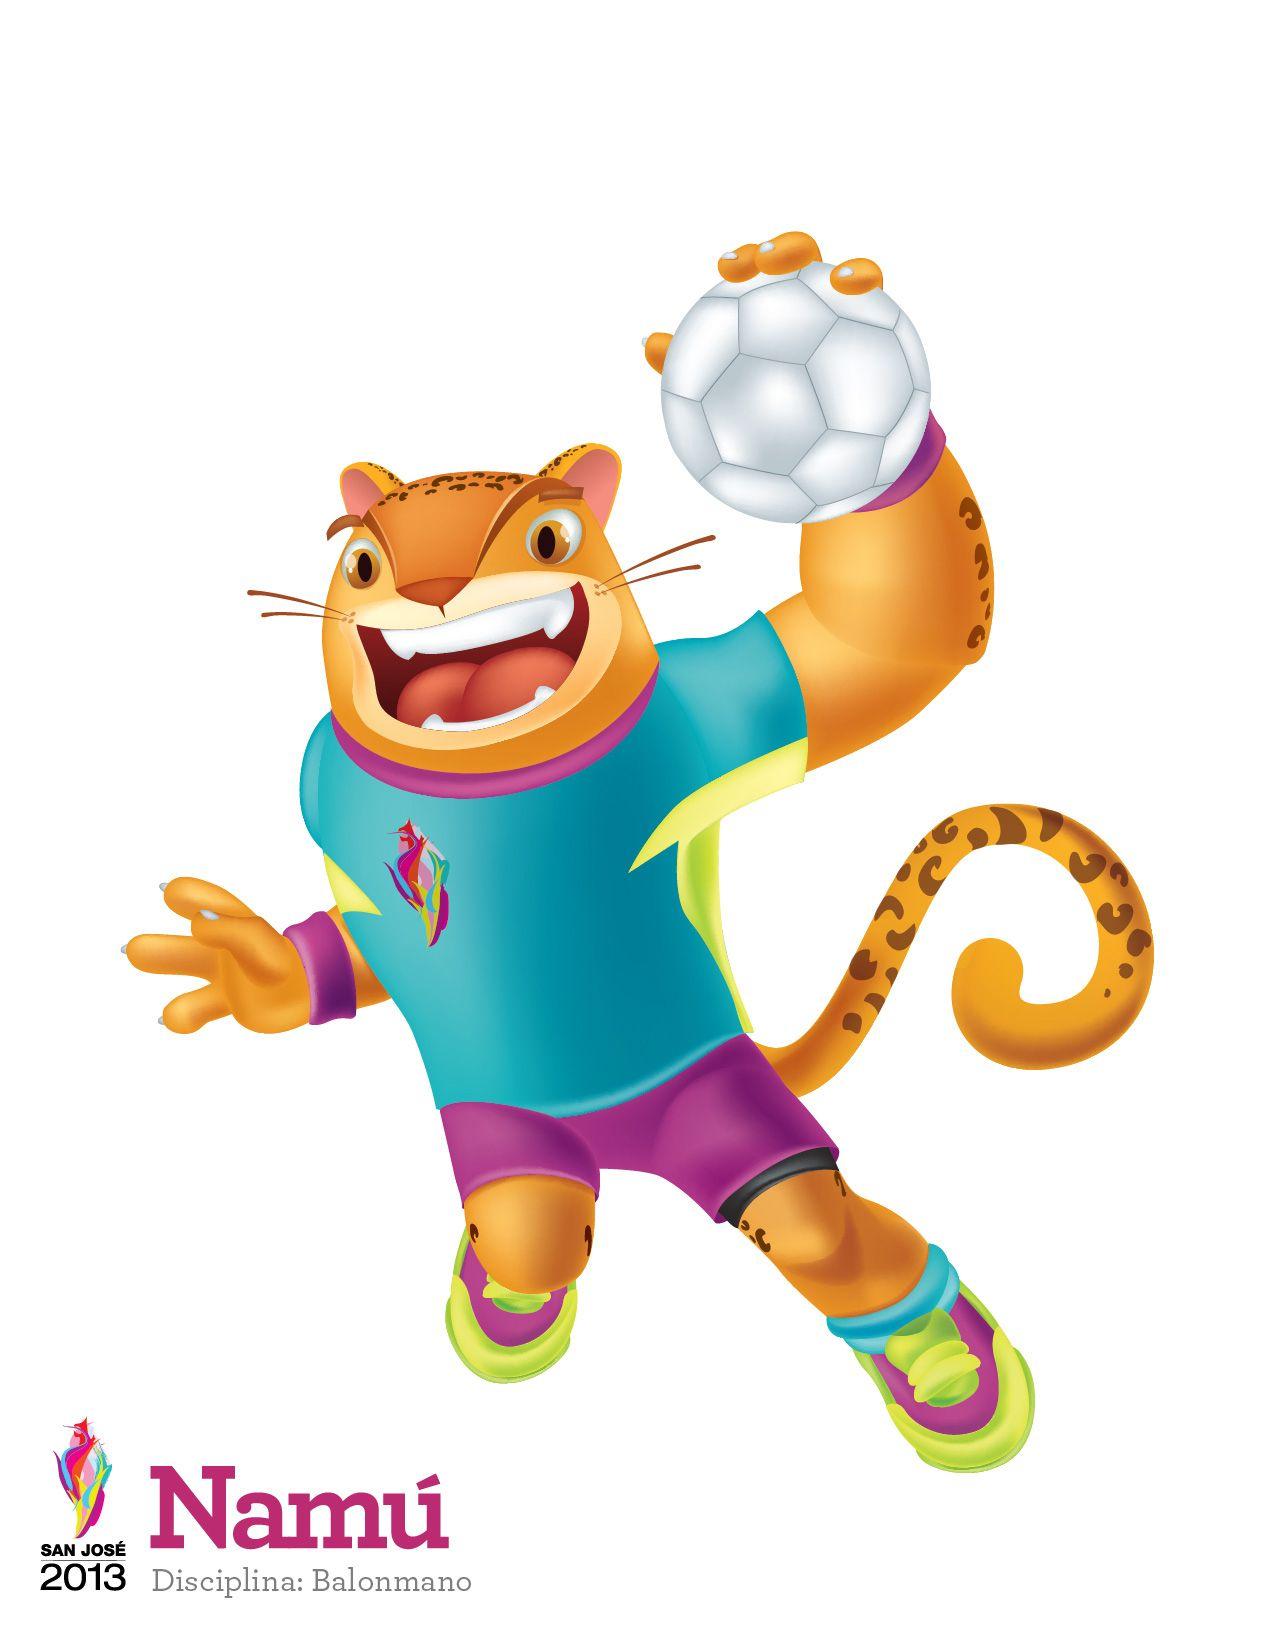 Namu Mascota De Los Juegos Centroamericanos San Jose 2013 O Disciplina Balonmano